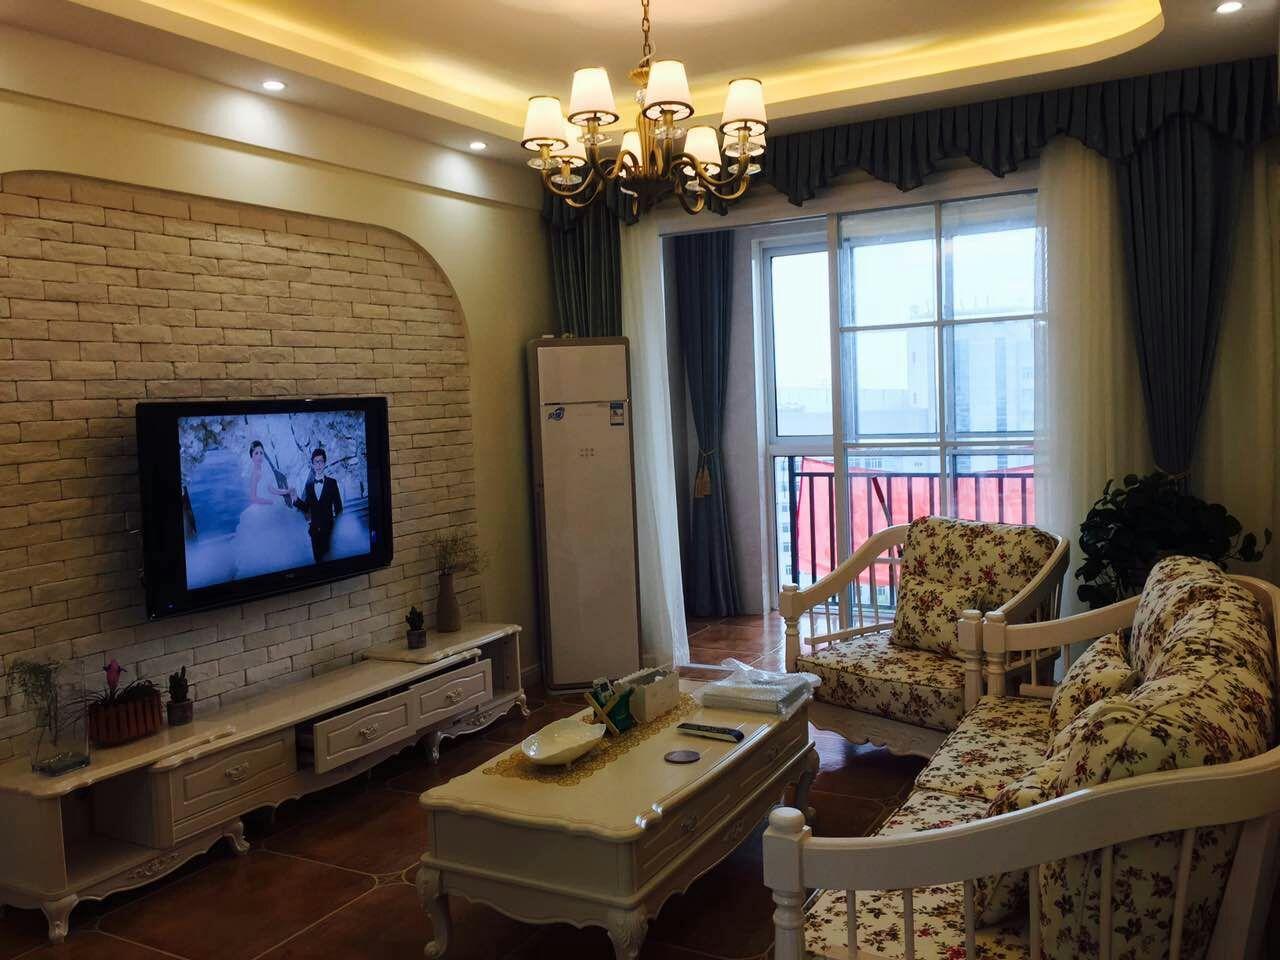 滨江华臣天邑 2-1501 去年10月份装修好,未曾住过,因为目前在苏州生活,房子一直空闲。 家具,热水器、空调、洗衣机都是全新的。 图片见附件 有意者请联系15250559662